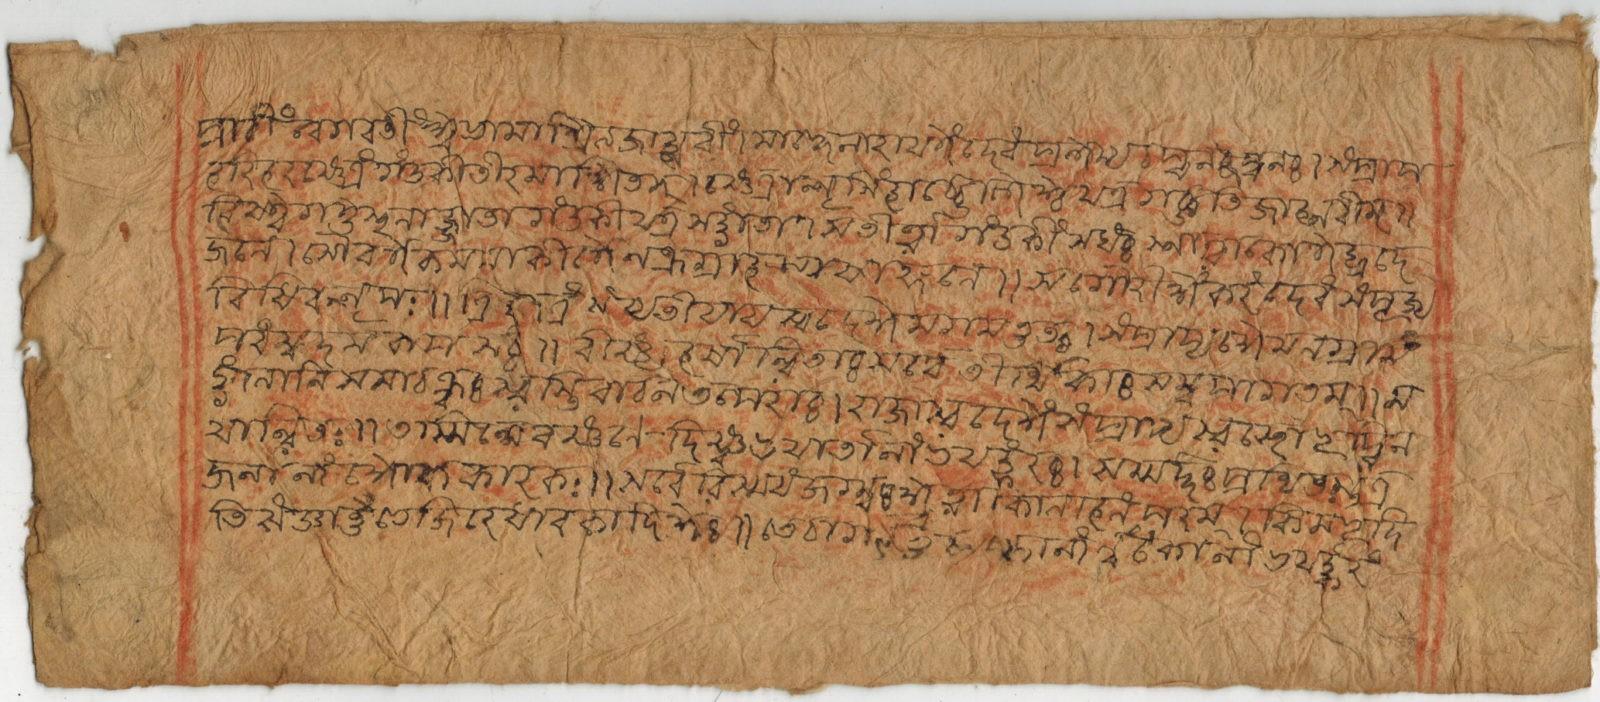 Mithila manuscript